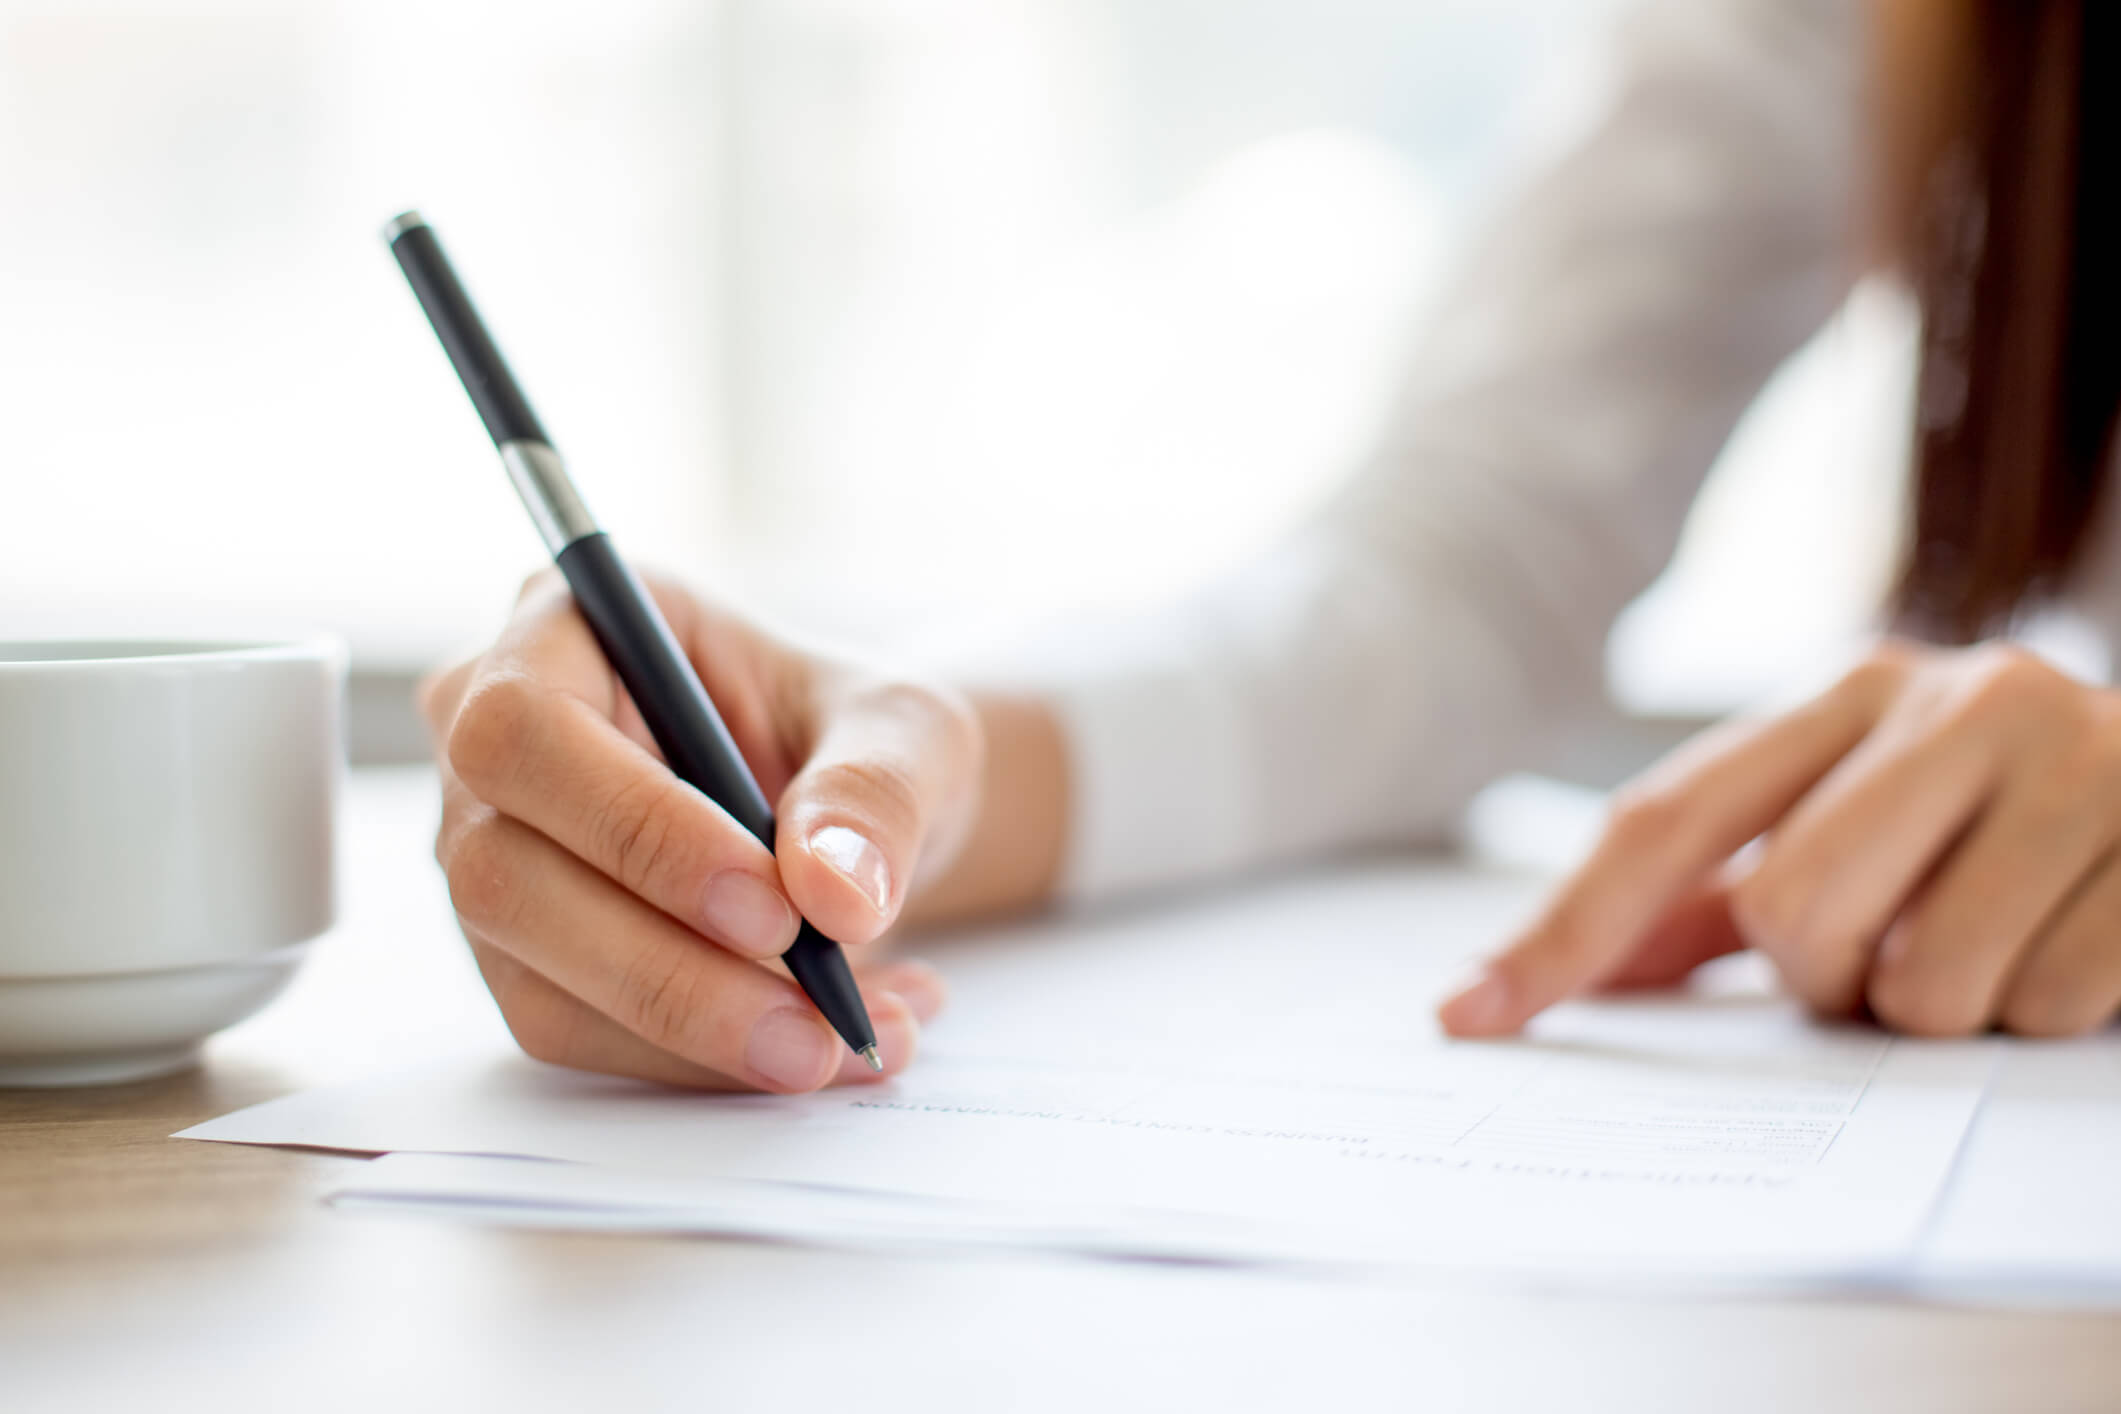 Mulher escrevendo em uma folha em cima de uma mesa.